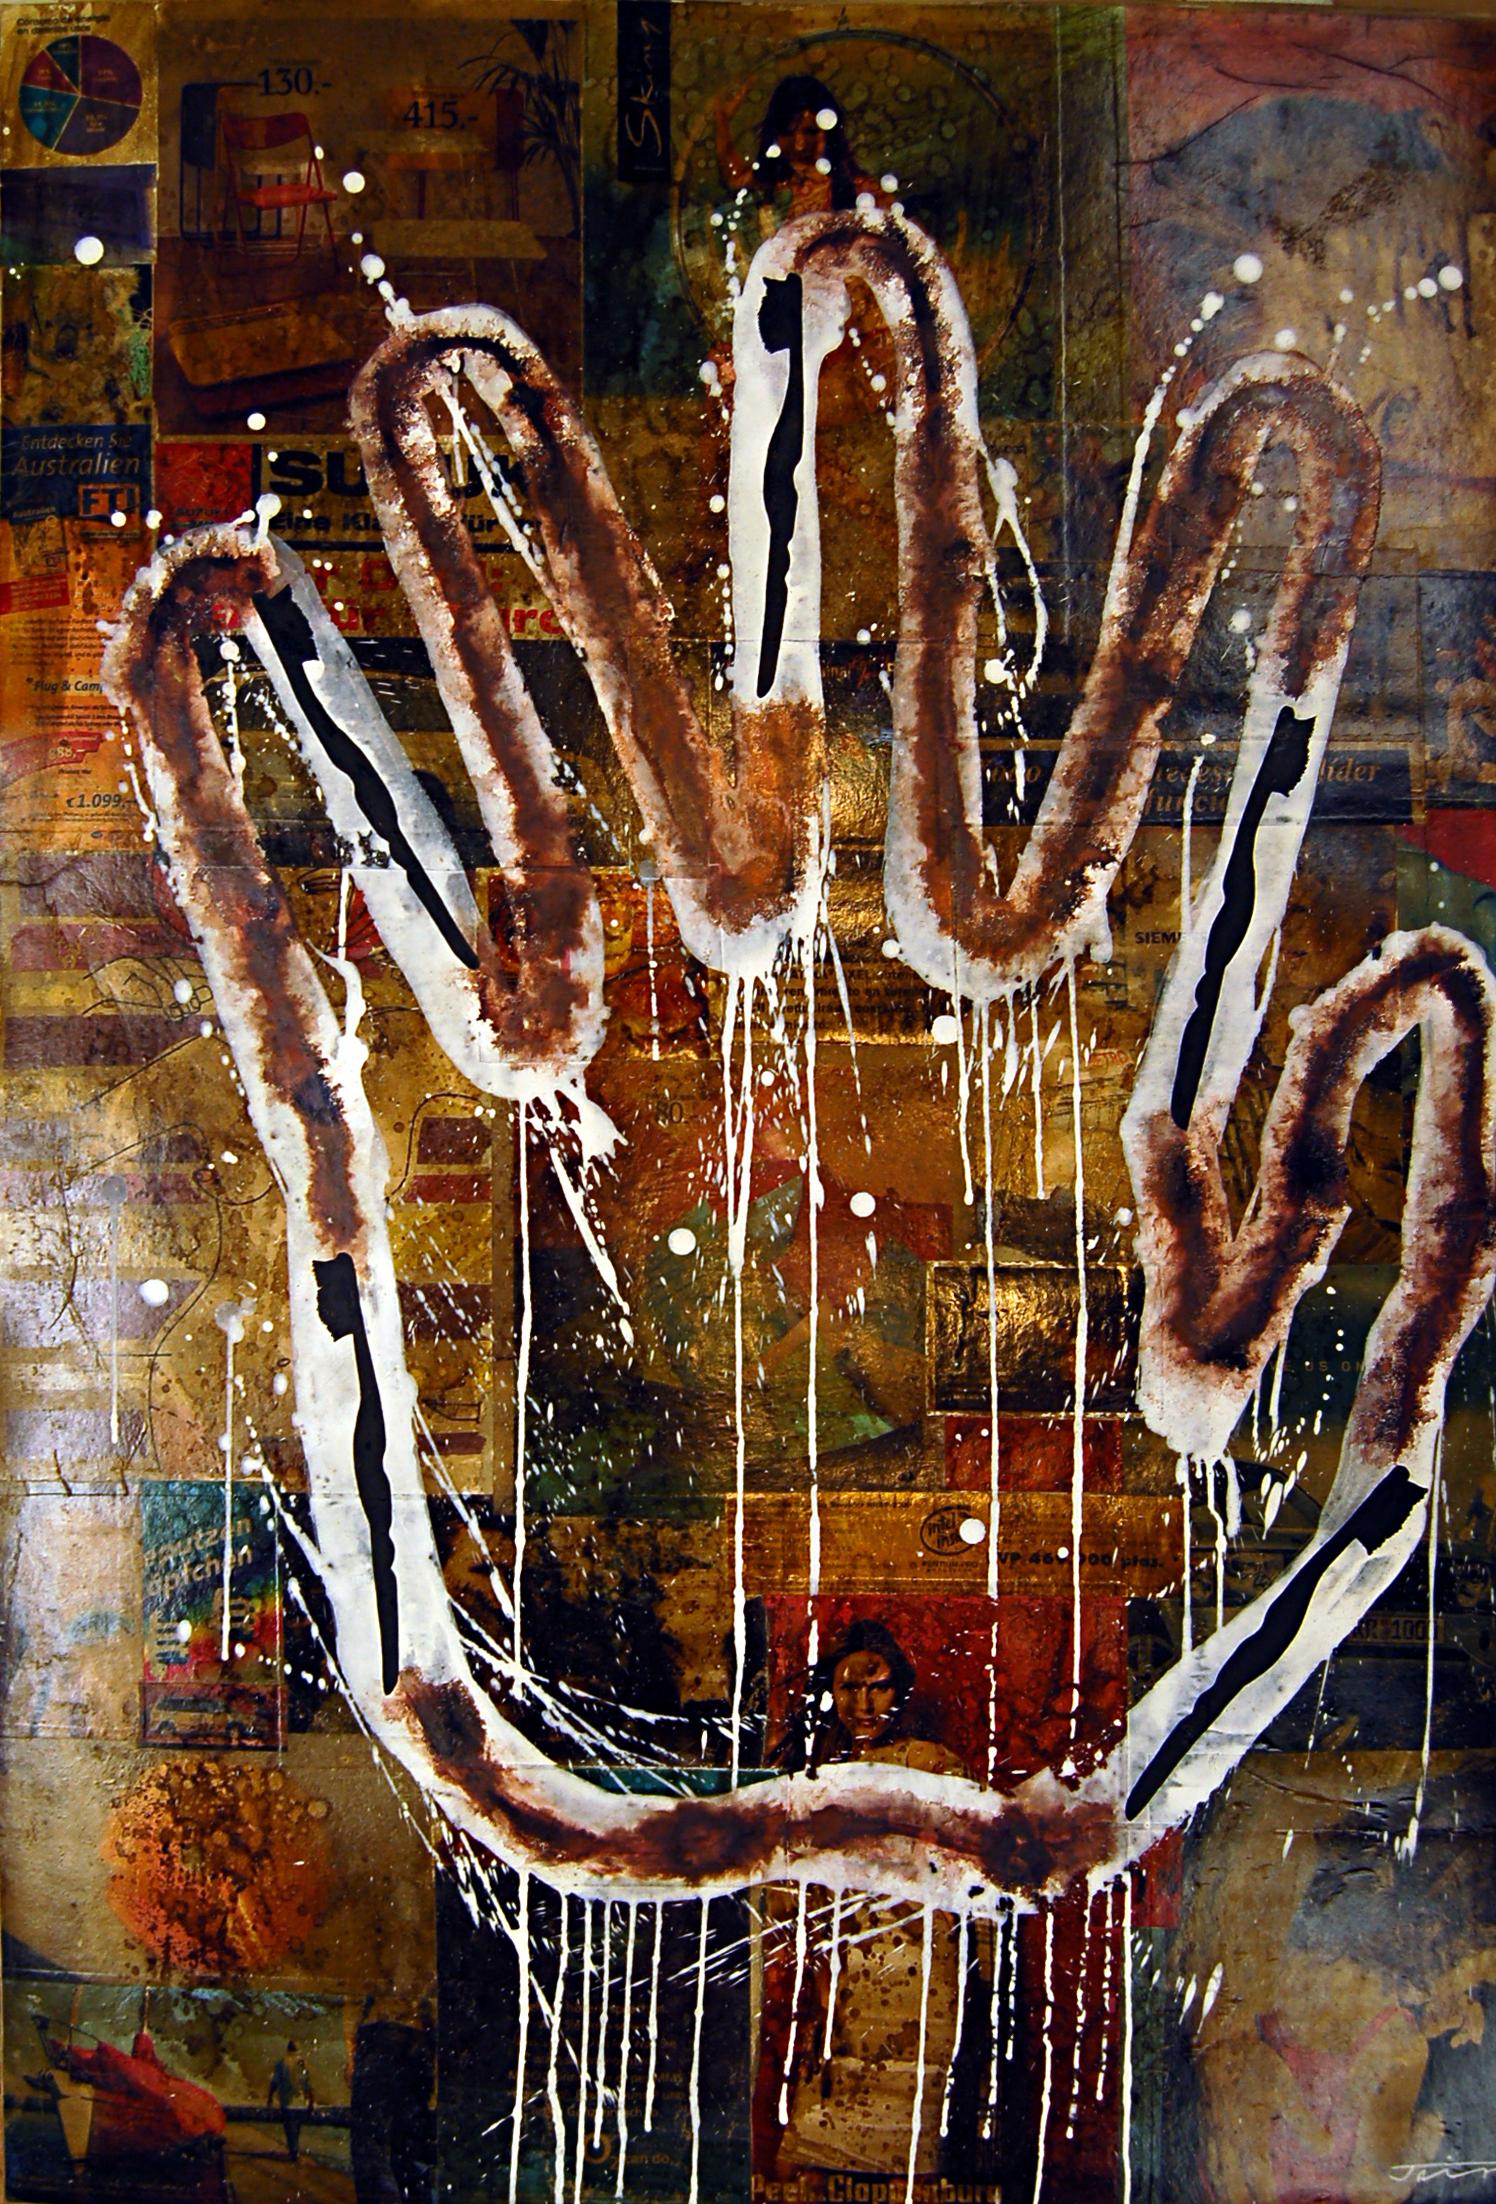 De la Series-Intervenciones #3 (Hand)